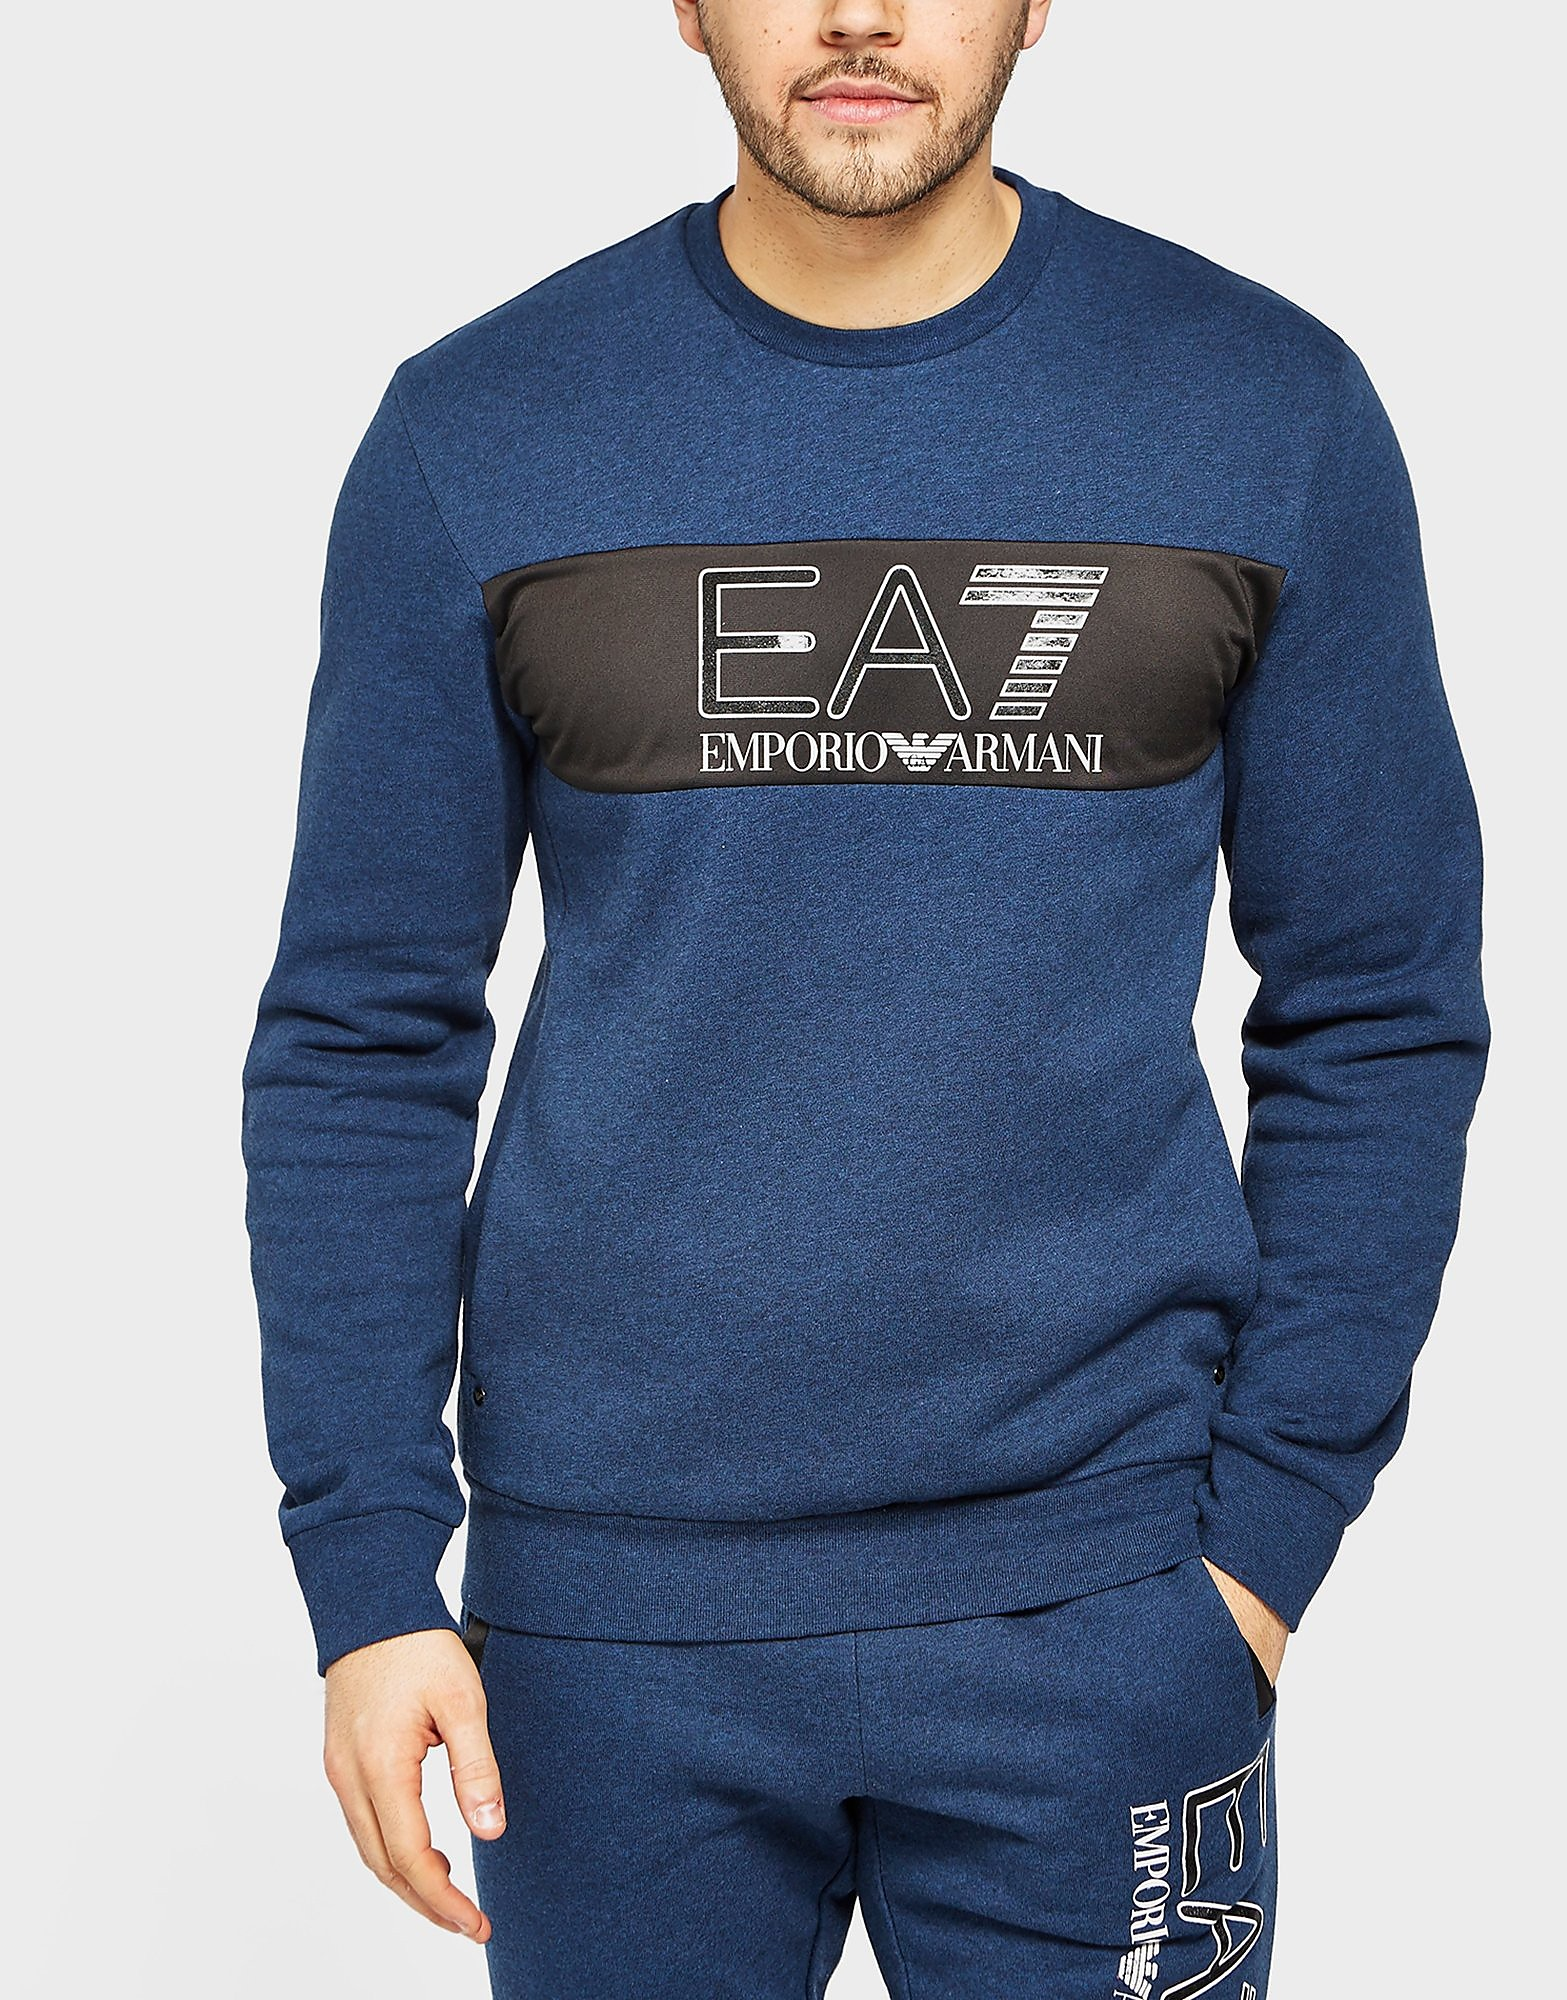 Emporio Armani EA7 Crew Sweatshirt  Navy Navy